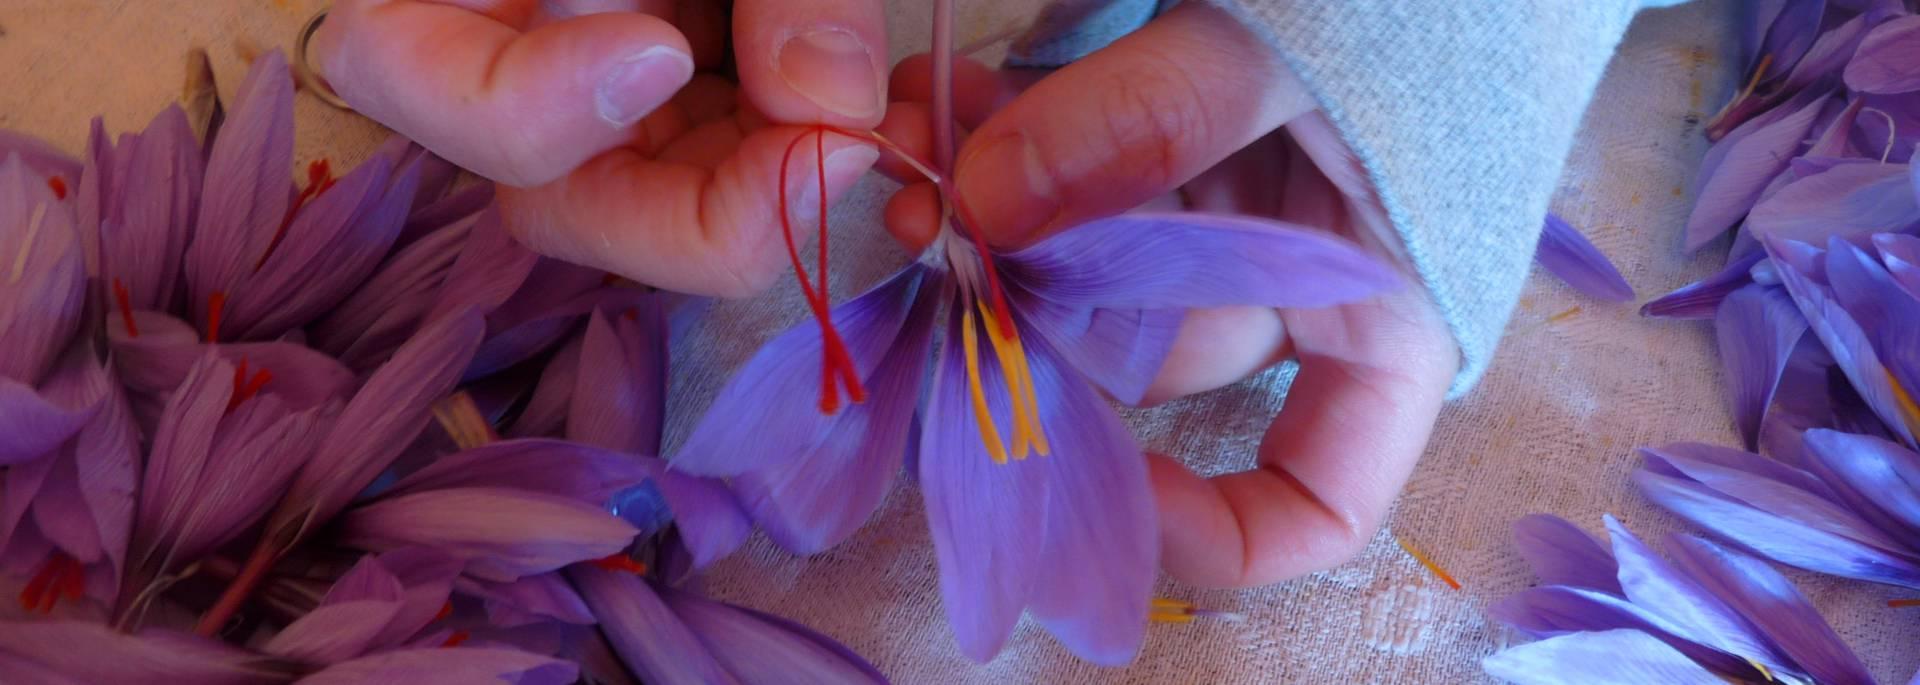 Safranblüten im Pays Bigouden © G Mazingue